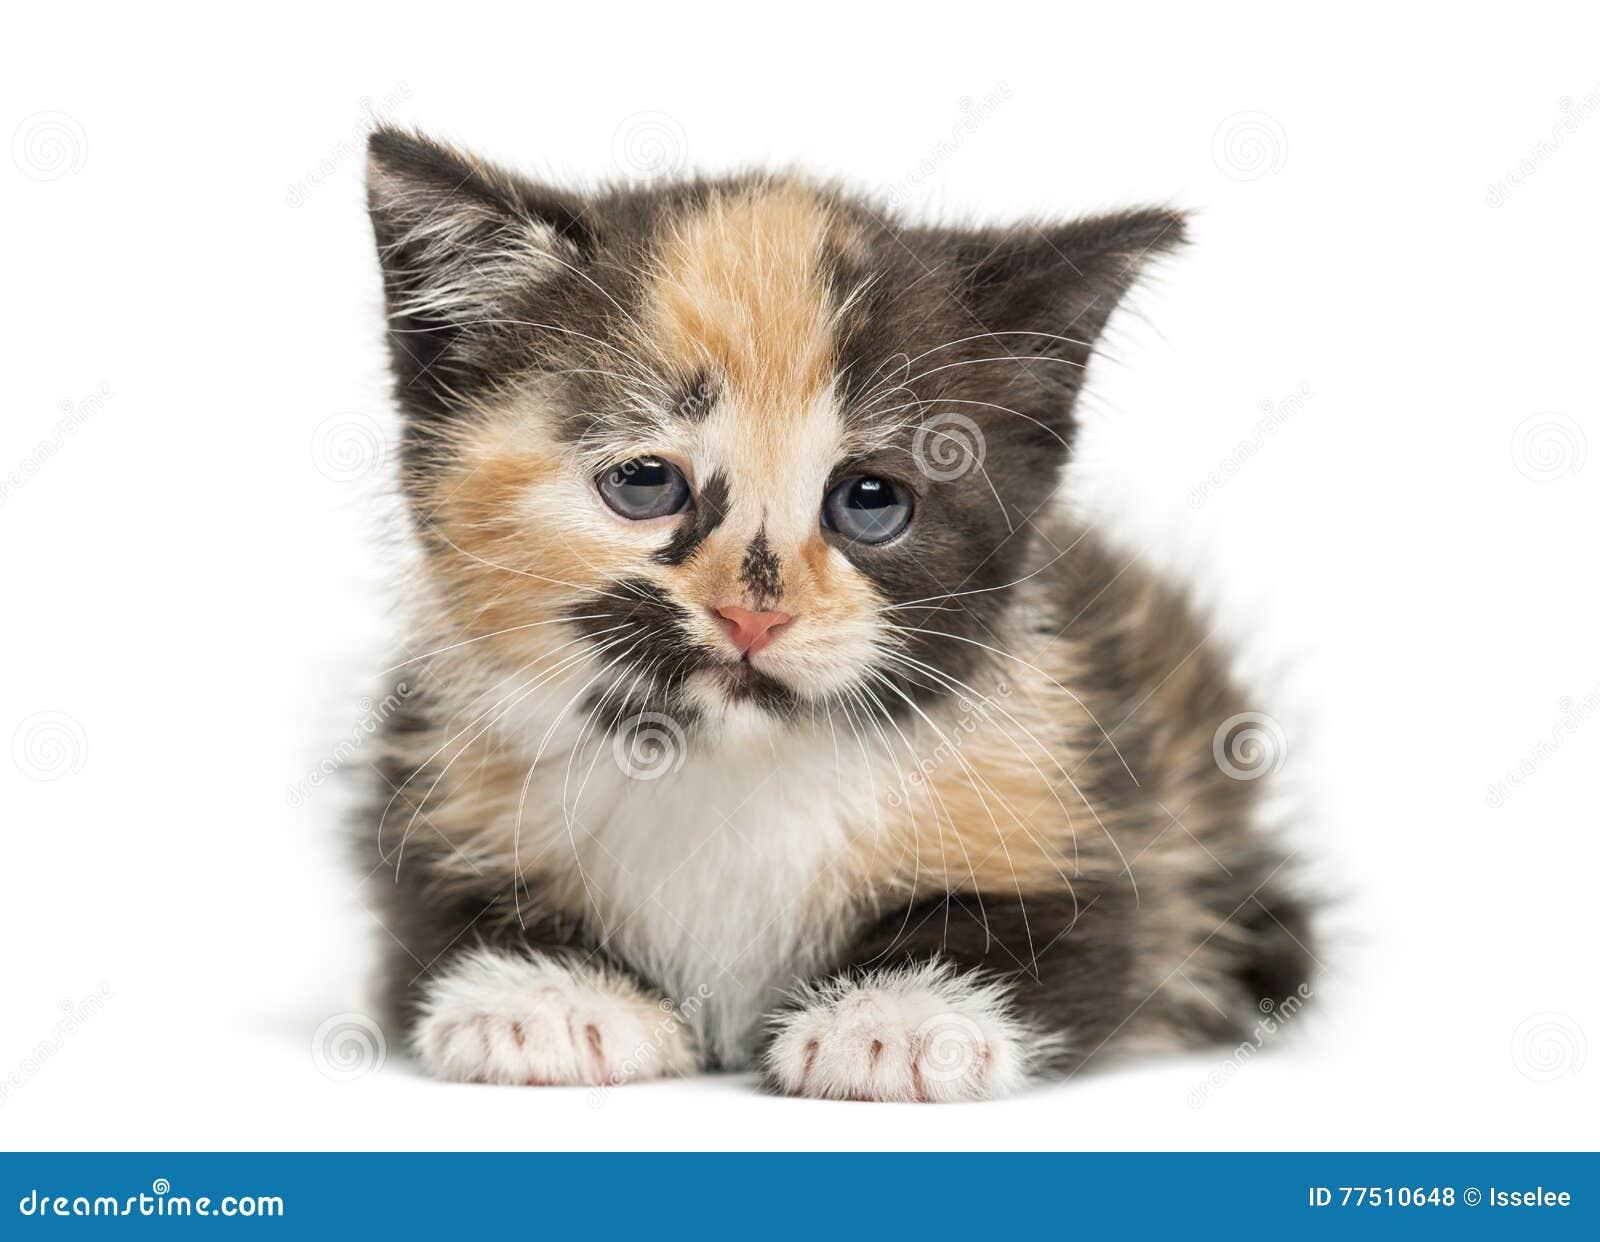 Europaisch Kurzhaar Katzchen Einmonatiges Baby Lokalisiert Auf Weiss Stockfoto Bild Von Tortoiseshell Traurig 77510648